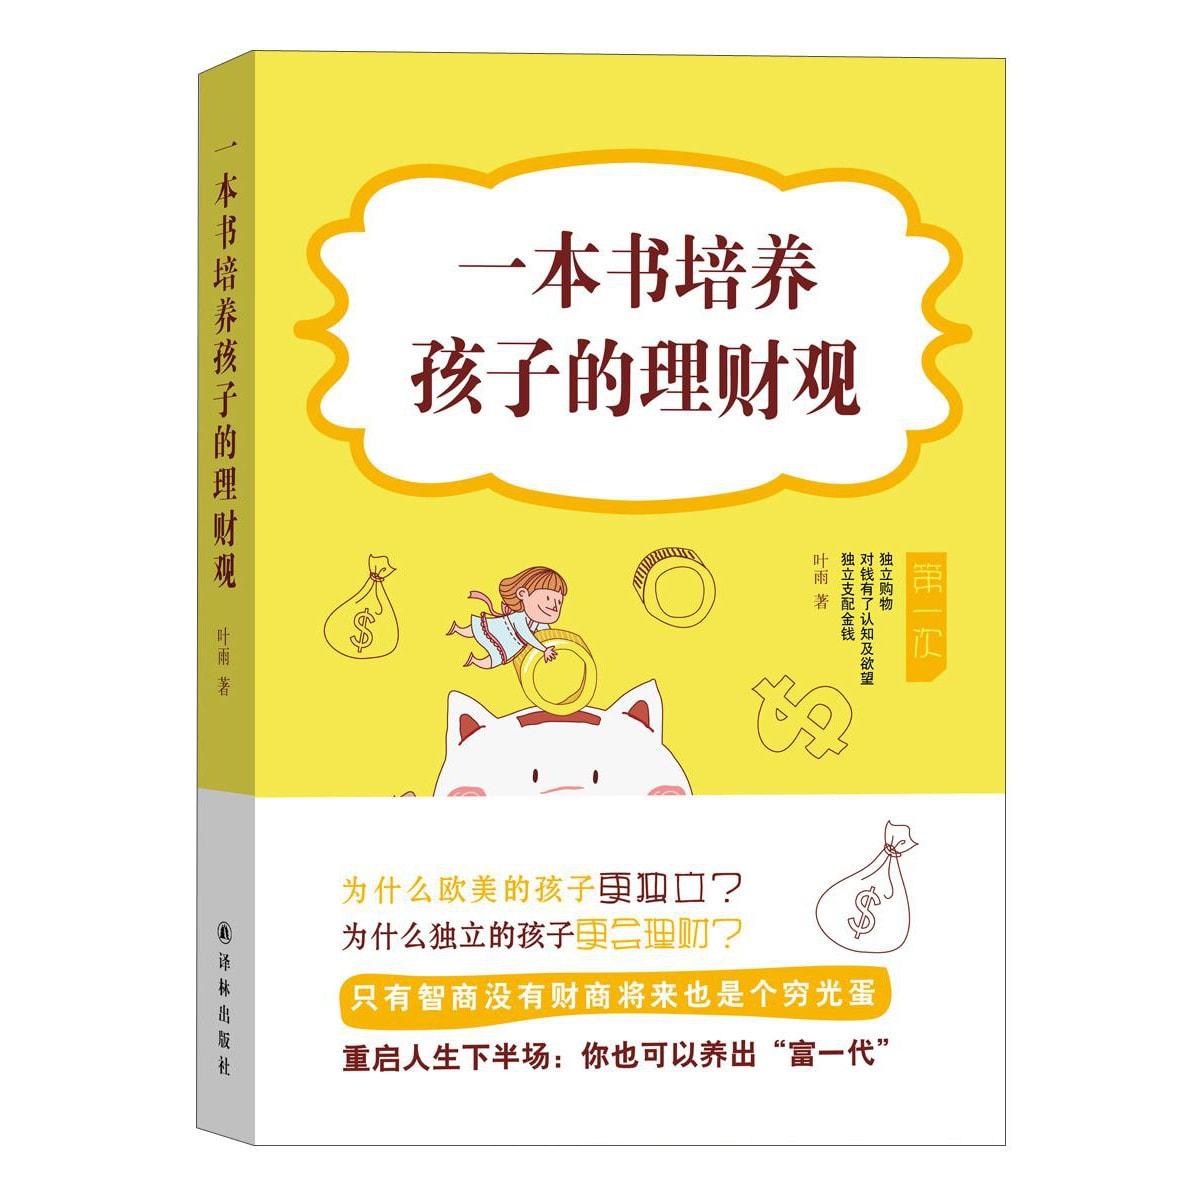 一本书培养孩子的理财观 怎么样 - 亚米网